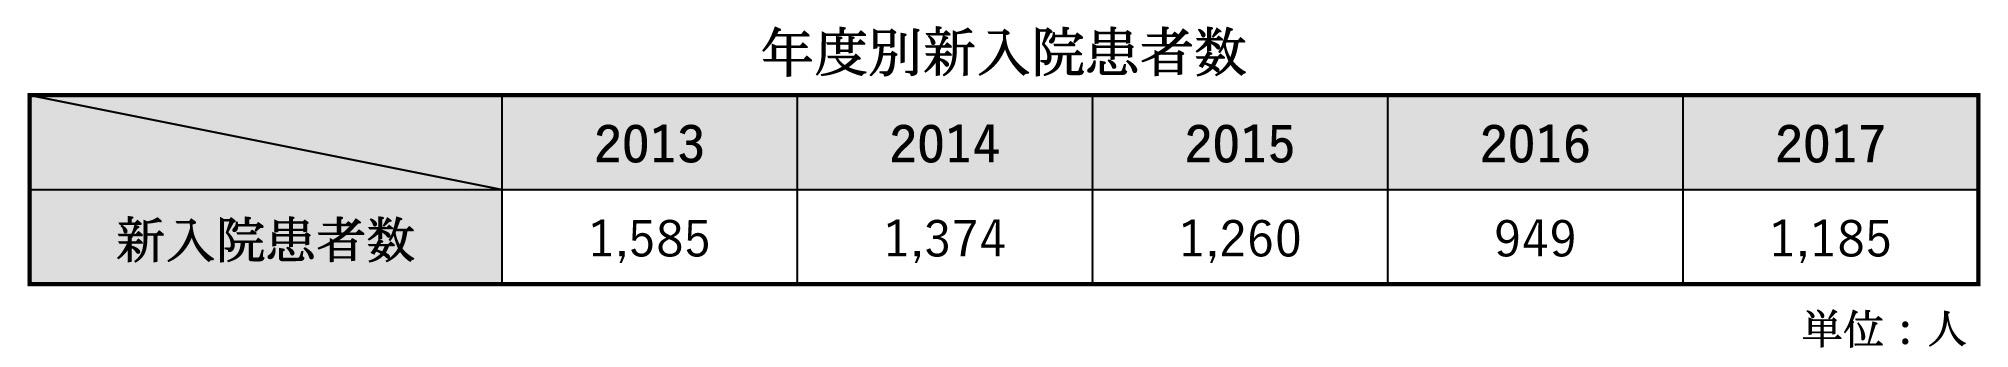 年度別入院患者数